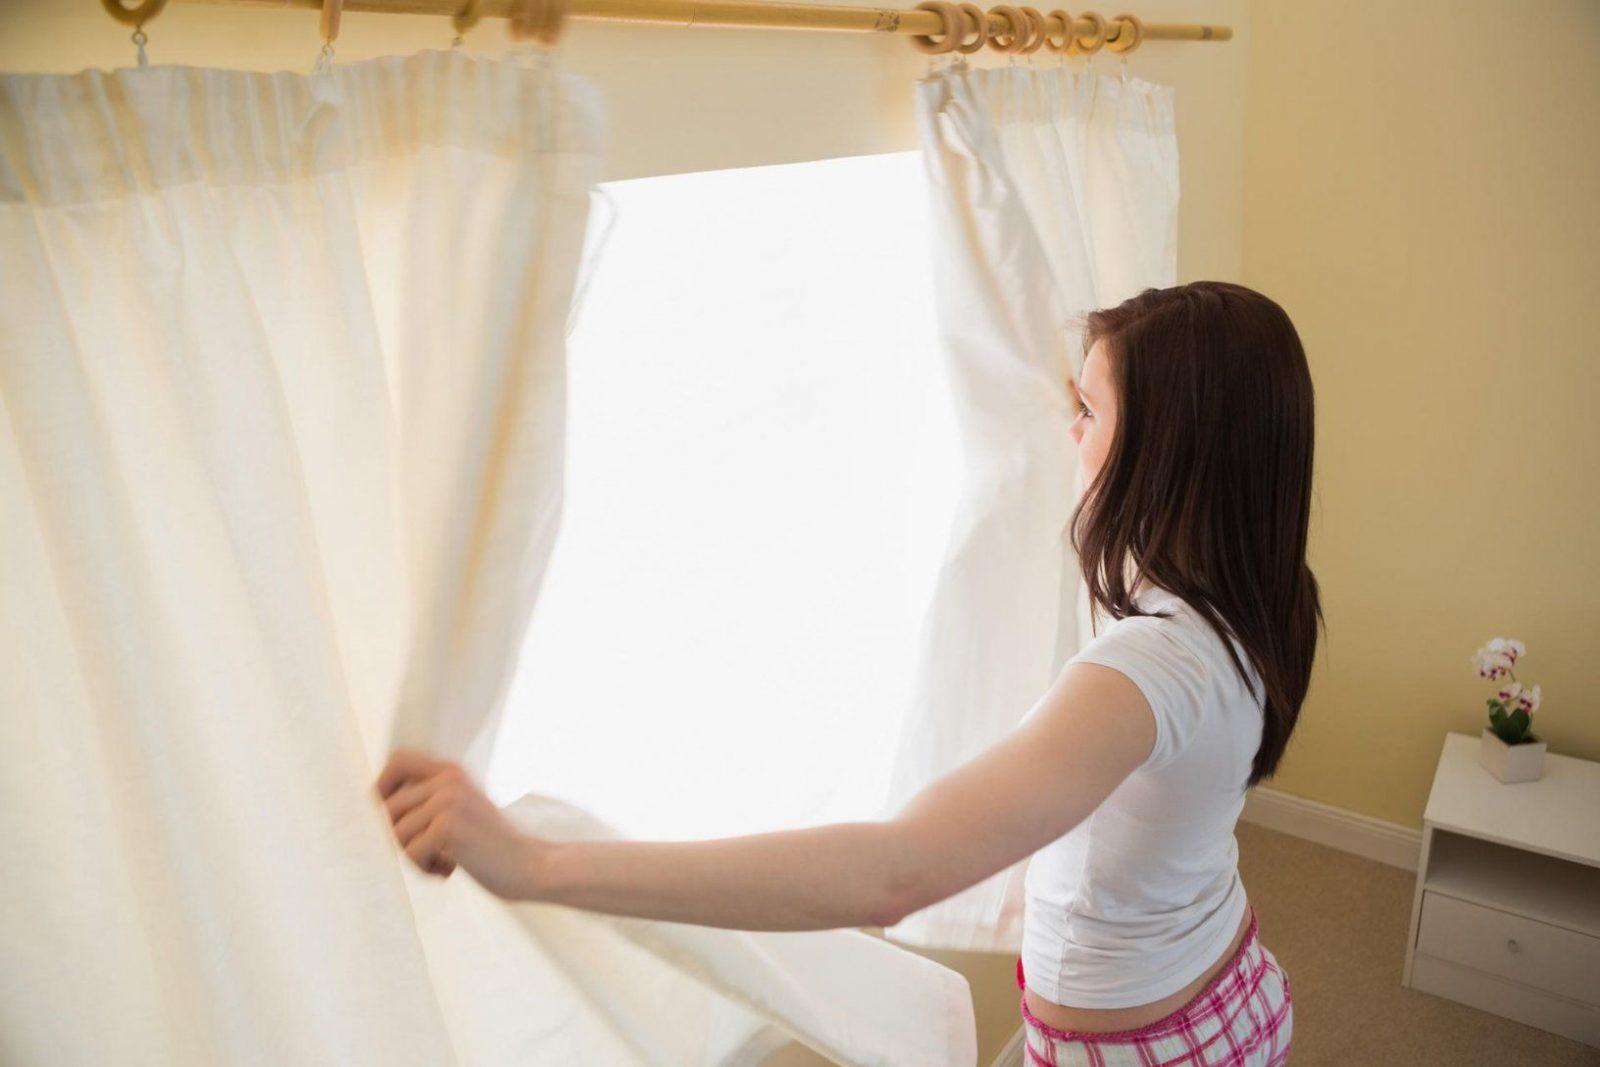 So Waschen Und Pflegen Sie Ihre Gardinen Richtig von Gardinen Waschen Bei Wieviel Grad Bild